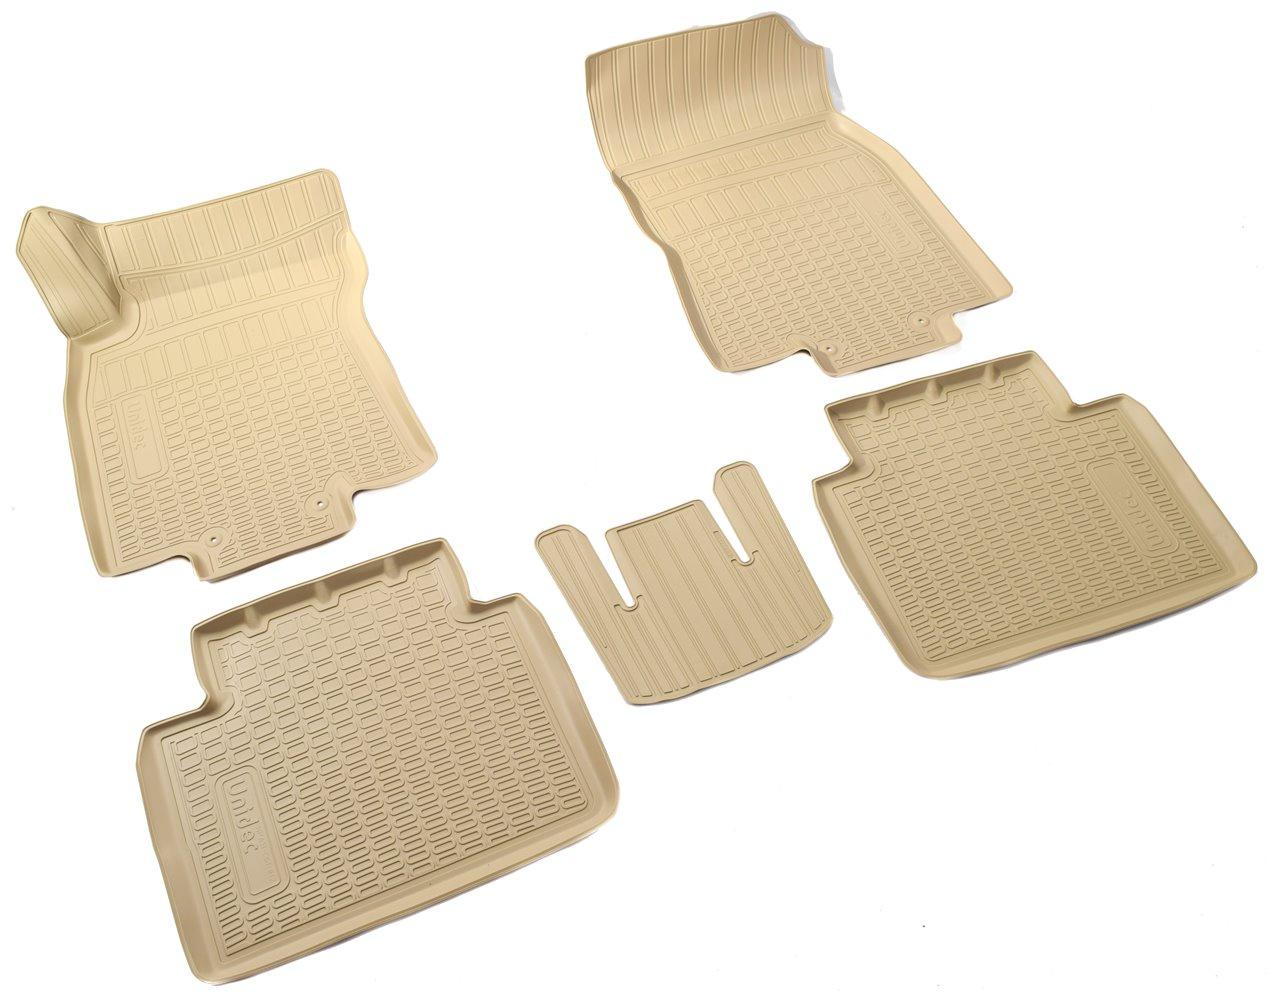 Коврики в салон автомобиля Norplast для Nissan X-Trail (T32) 3D (2015), NPA11-C61-812-B, бежевый комплект ковриков в салон автомобиля klever nissan x trail 2014 econom